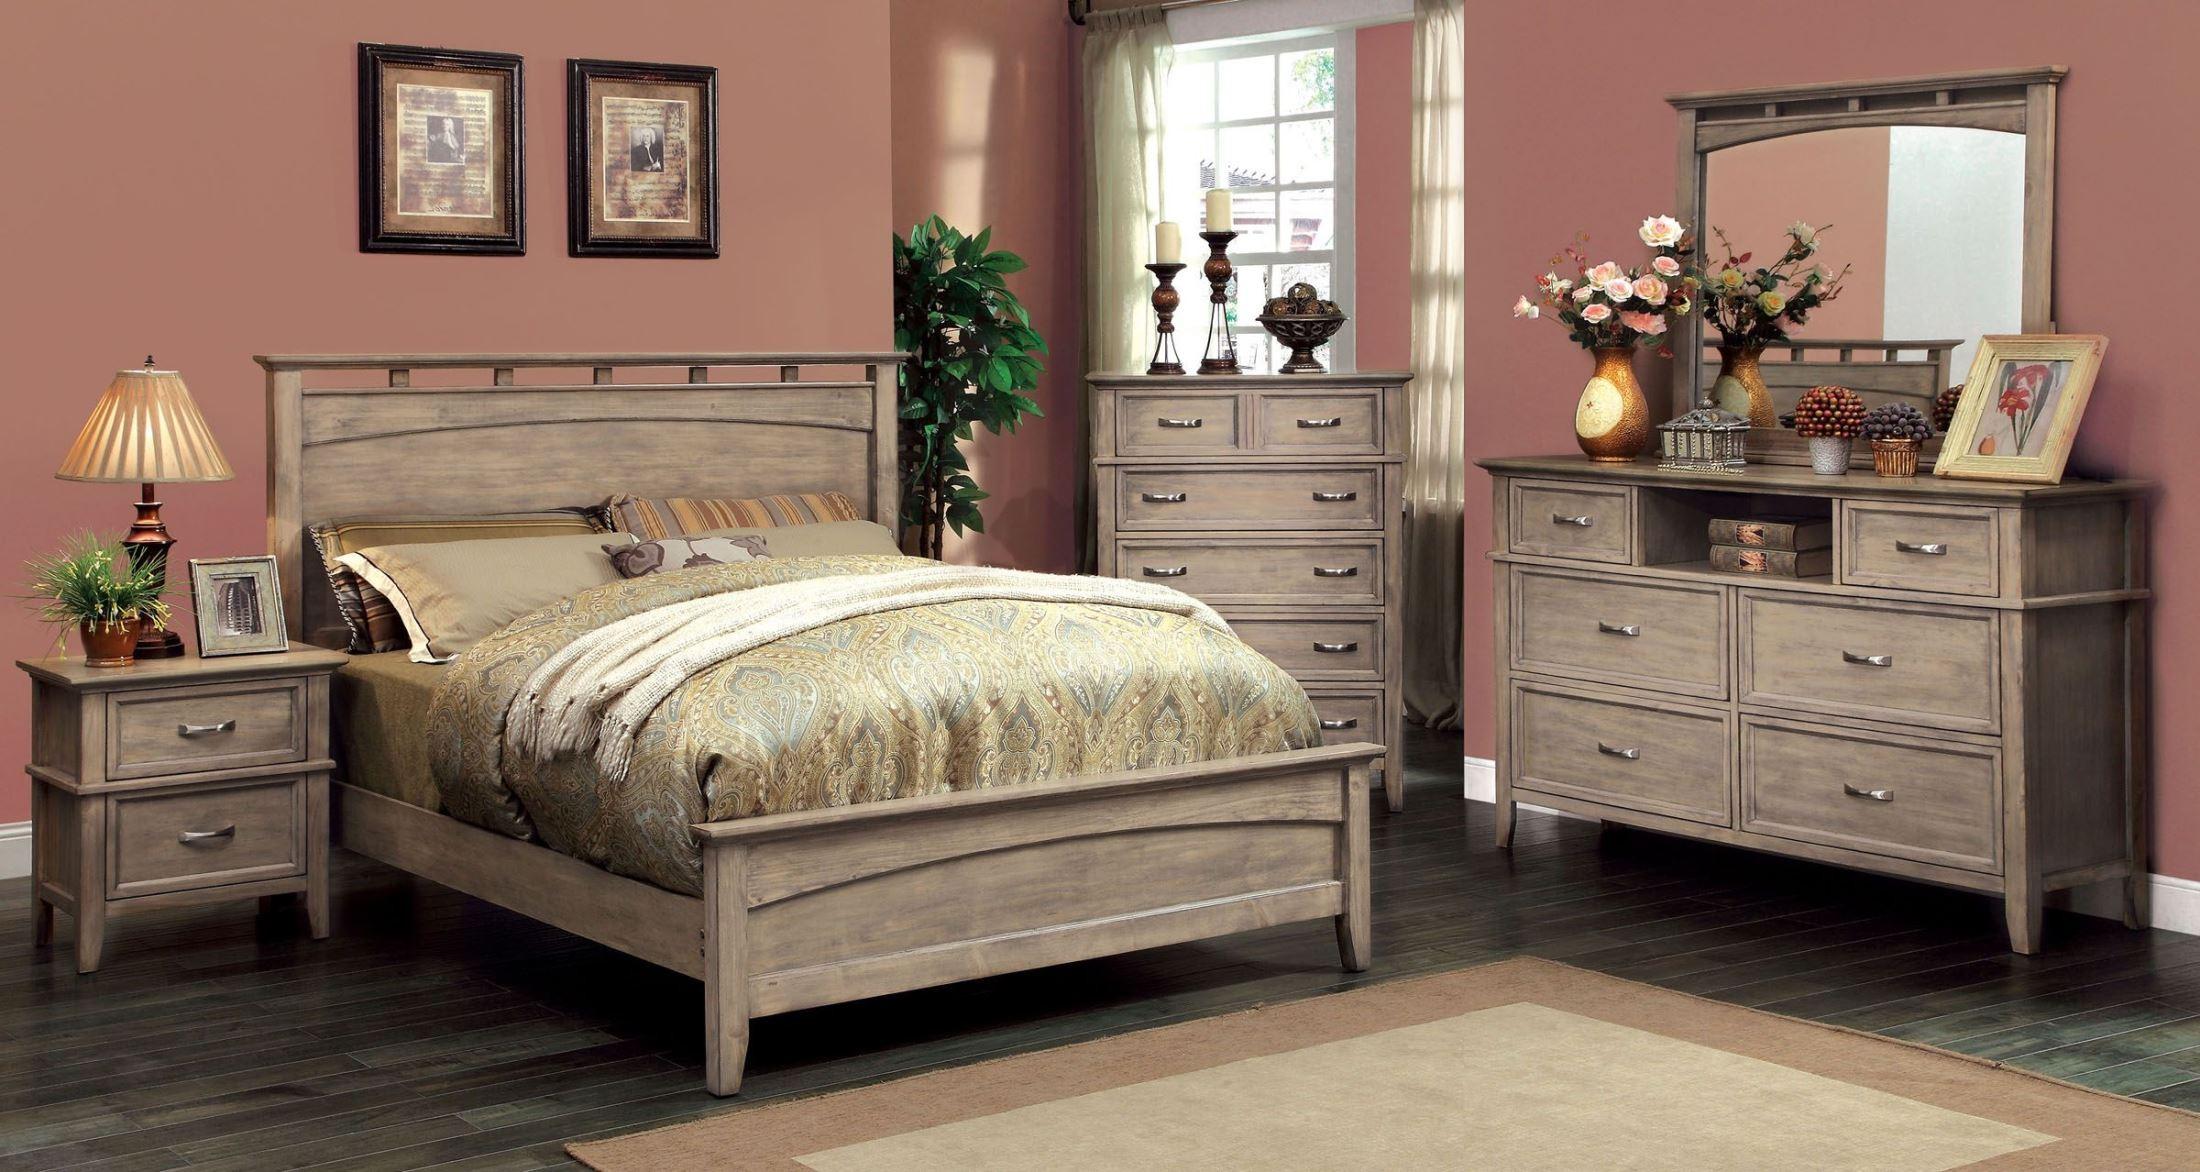 loxley weathered oak platform bedroom set cm7351l q bed